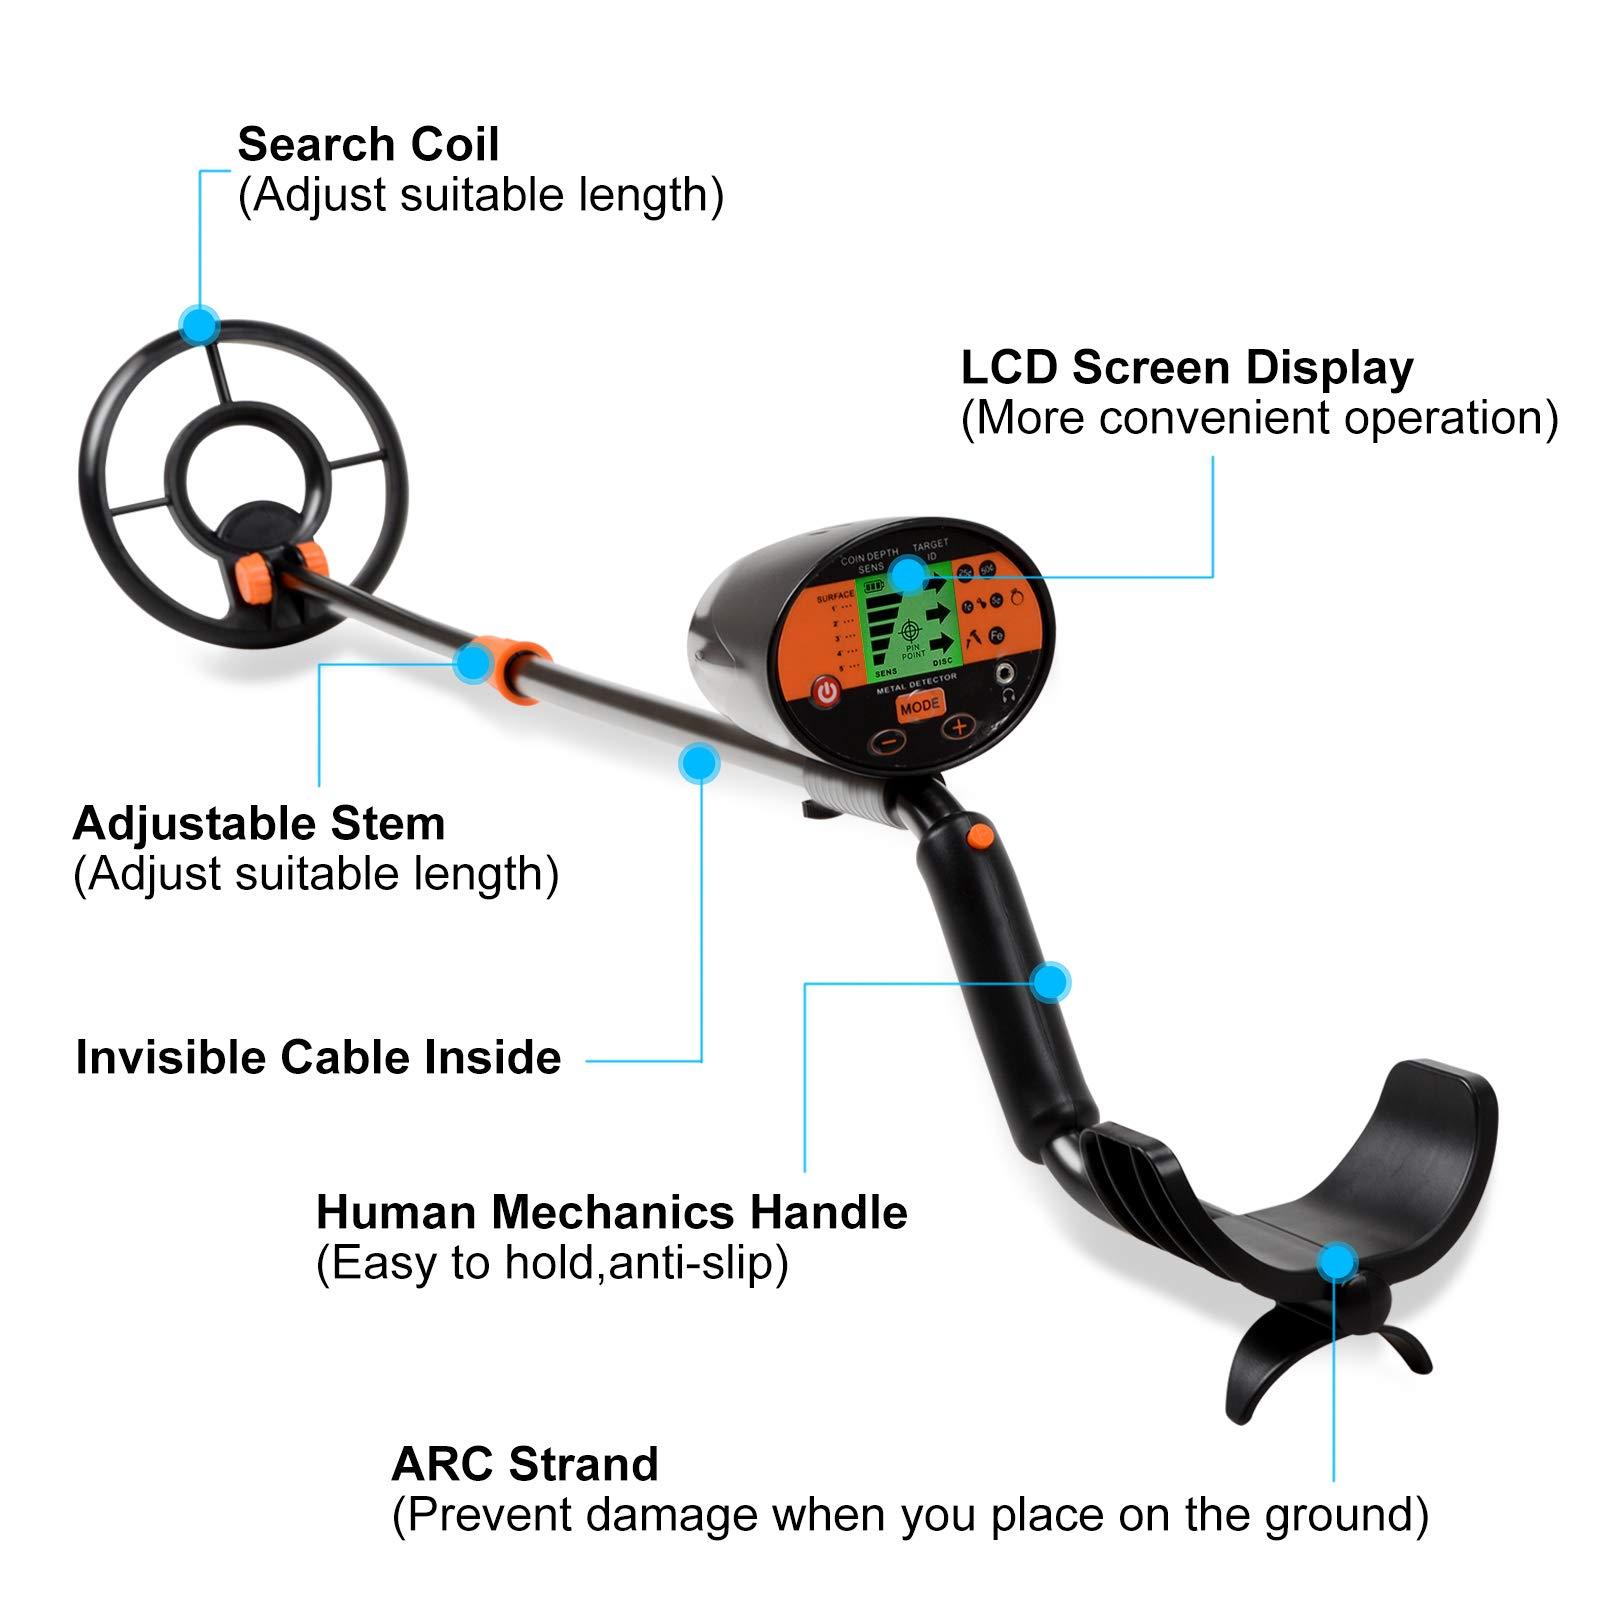 Voilamart Detector de Metales, Alta Sensibilidad, 2 Modos de busca, Pantalla LCD, Modo de Sonido, Bobina de Búsqueda Sensible, Impermeable y fácil de uso para Profesionales, Pala Incluídos: Amazon.es: Jardín